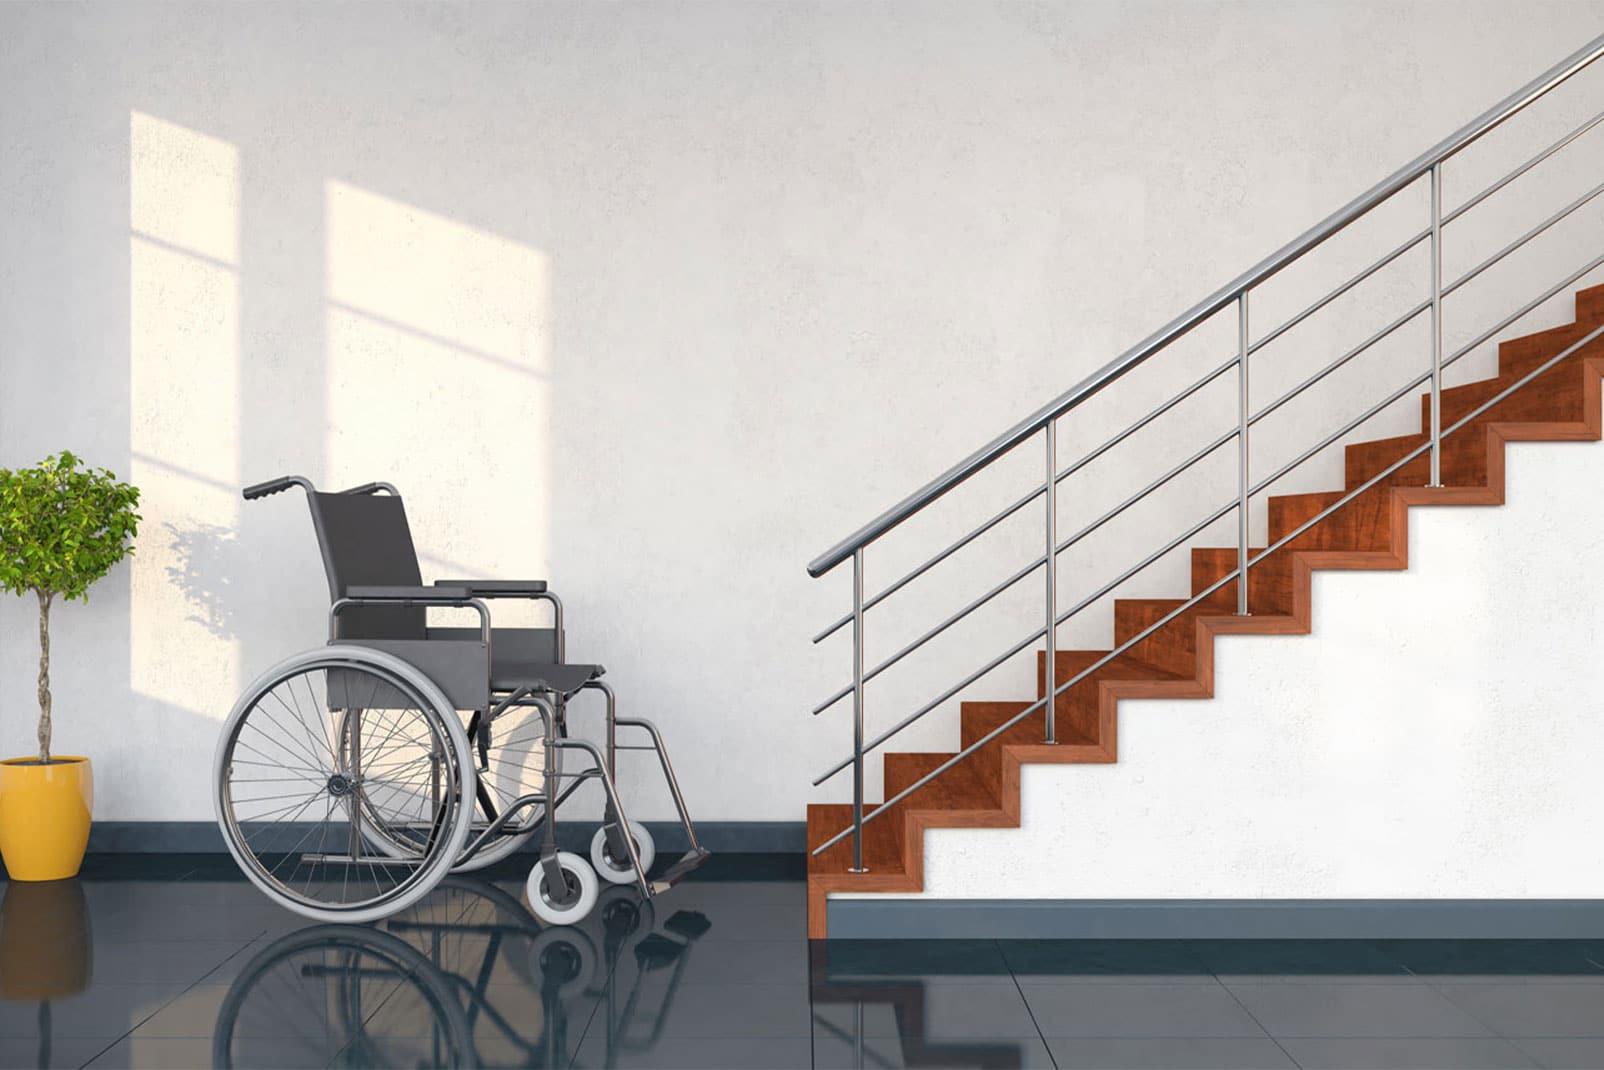 Rollstuhl steht vor einem Treppenaufgang